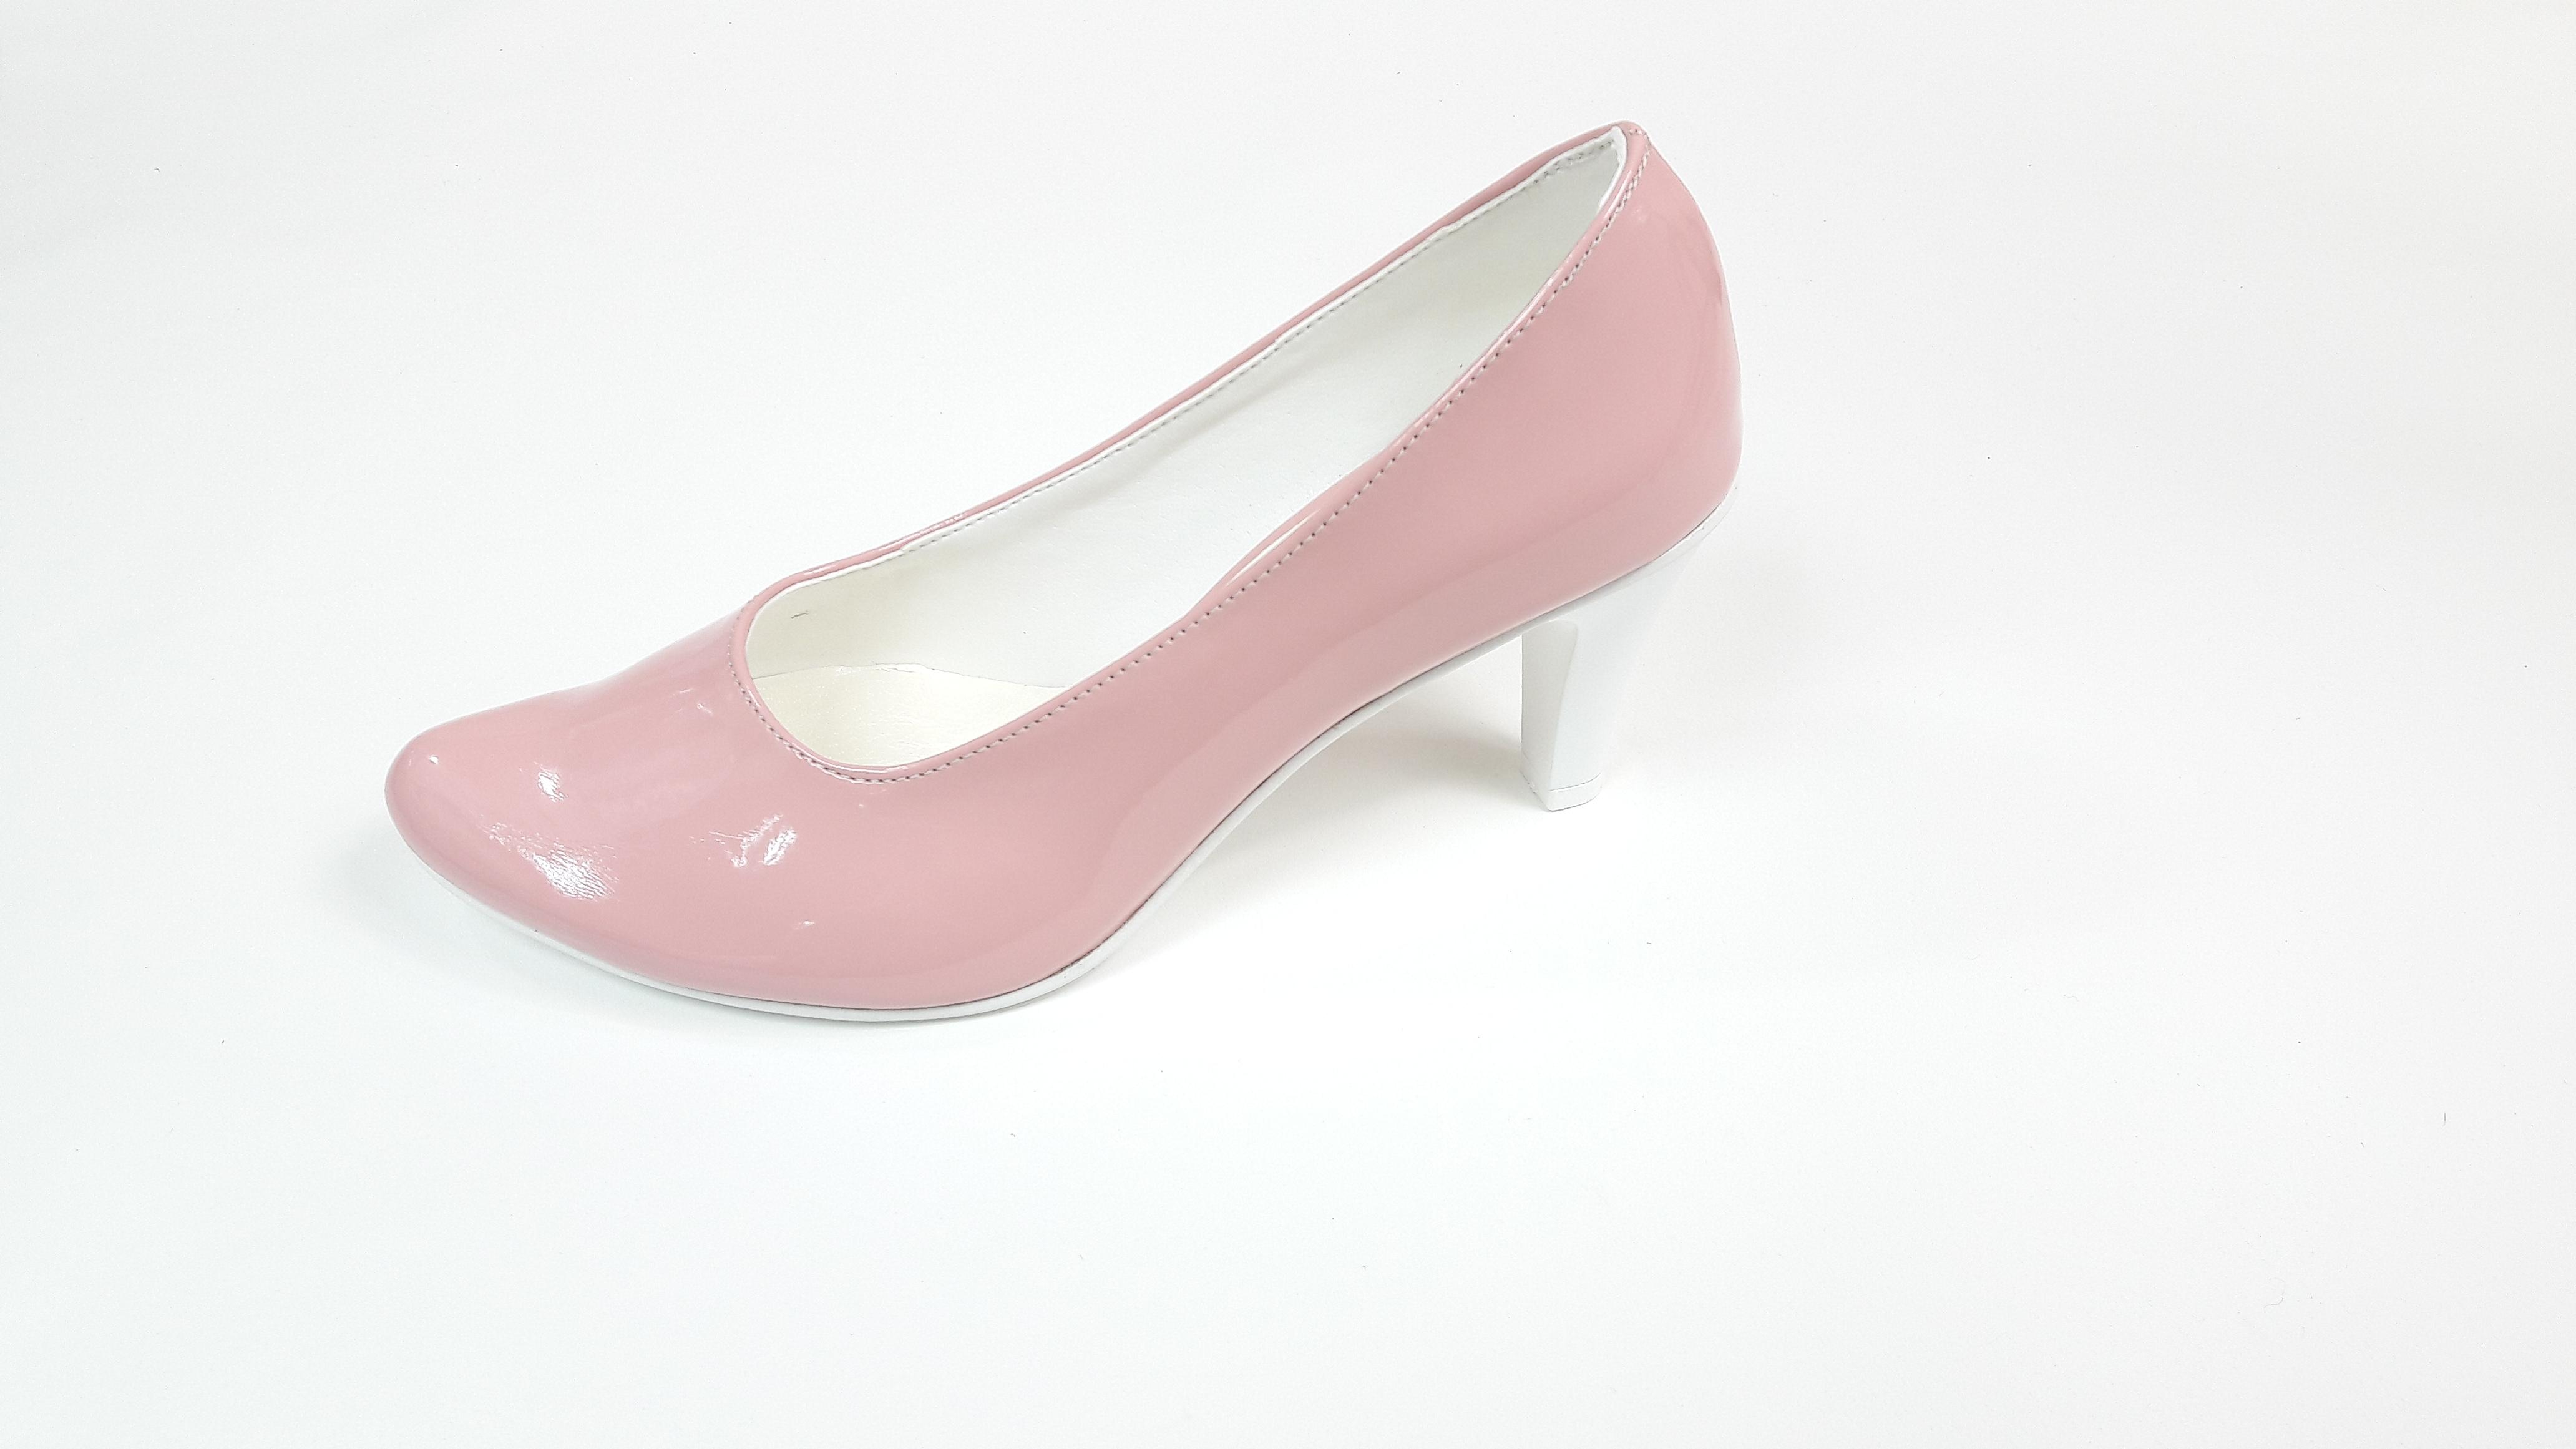 04a5c86958625 Obuwie do ślubu | CASANI buty ślubne na miarę na stopy szczupłe i ...